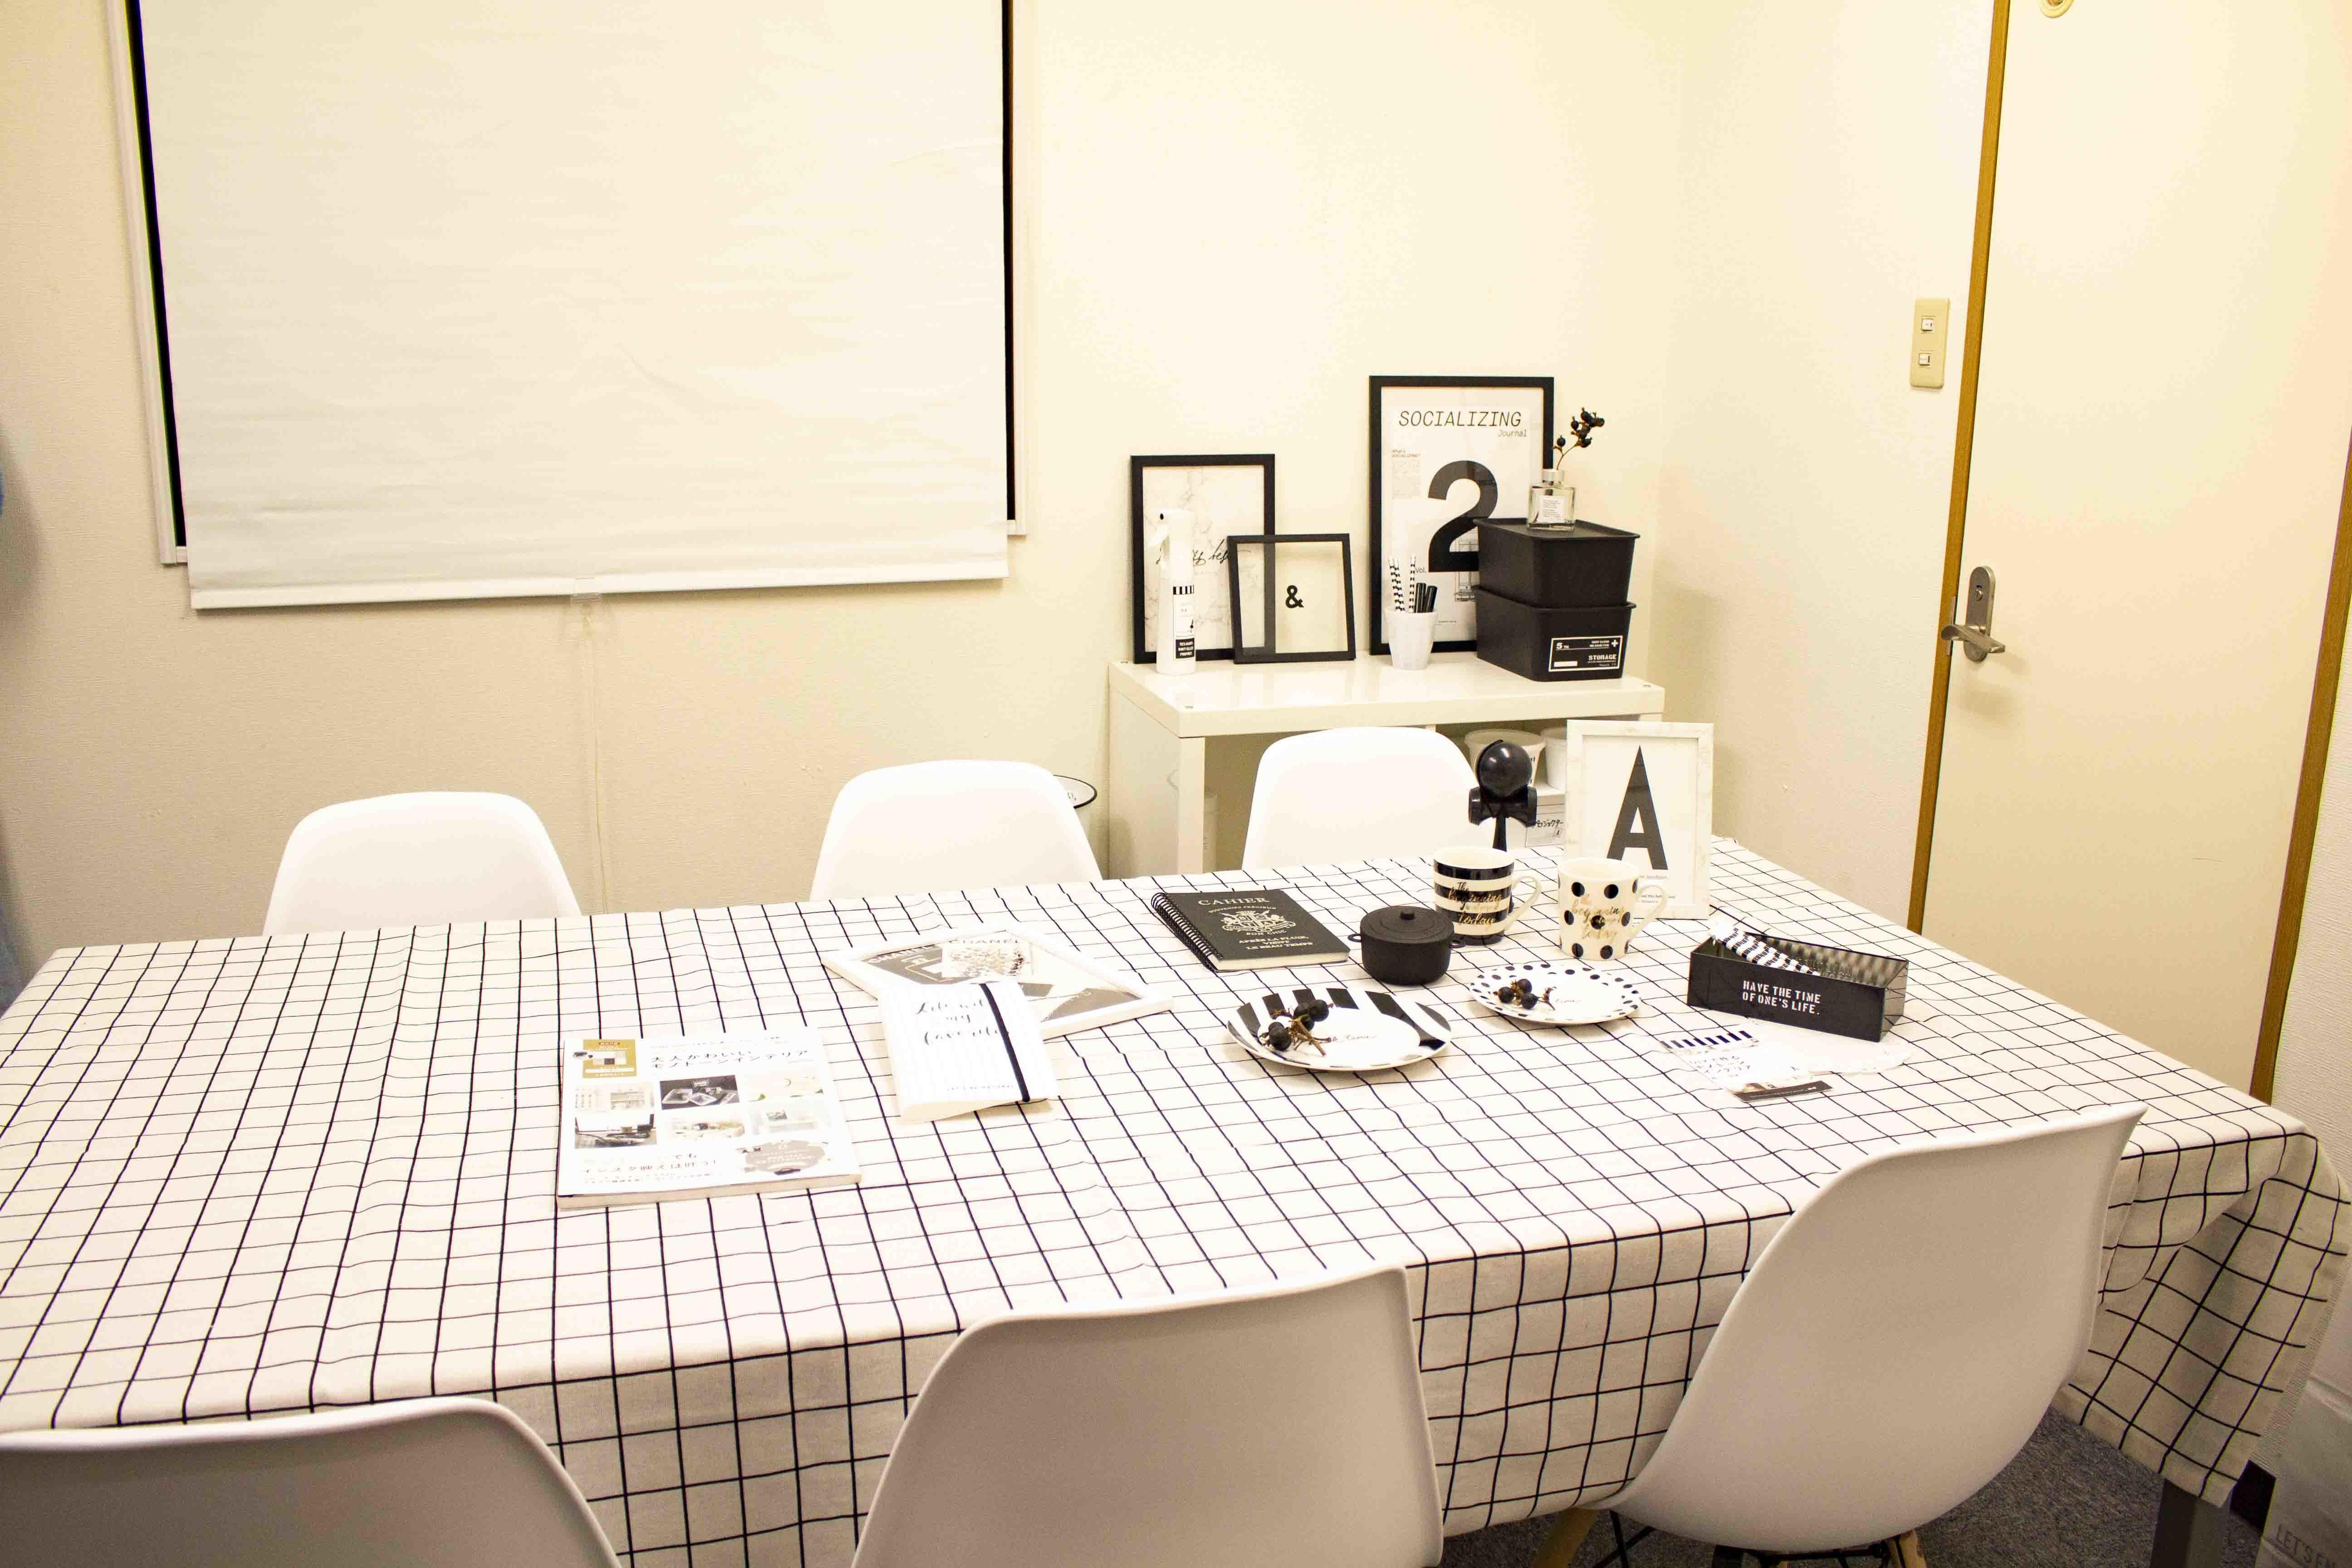 ドリームビズ新橋 3階会議室の室内の写真